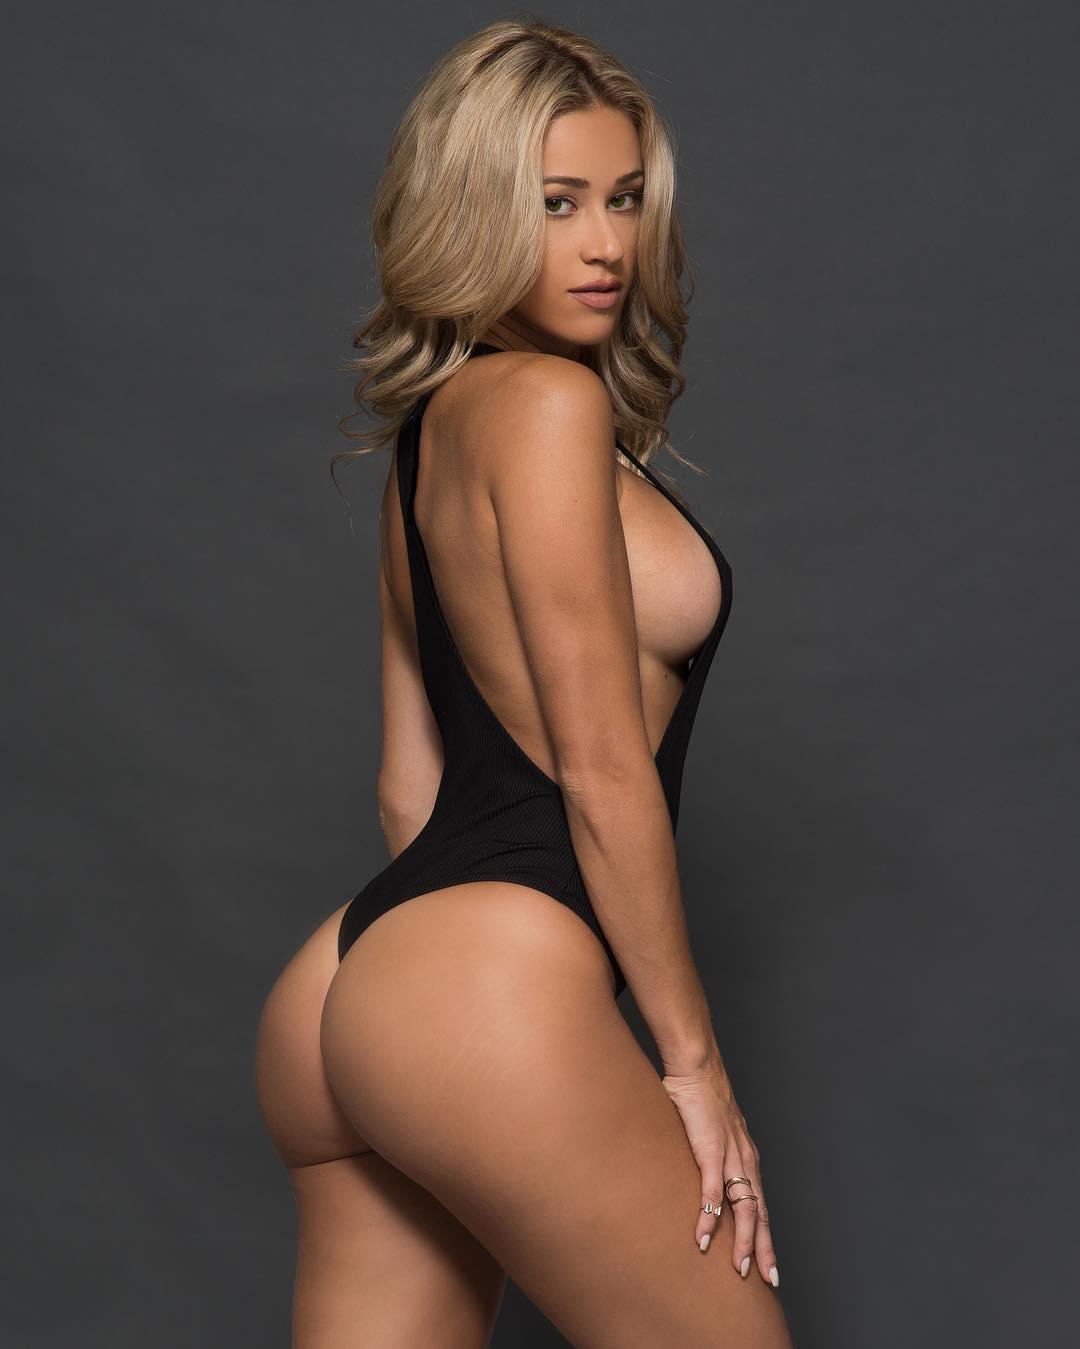 Cindy Prado nudes (46 pics), Is a cute Erotica, iCloud, cleavage 2017